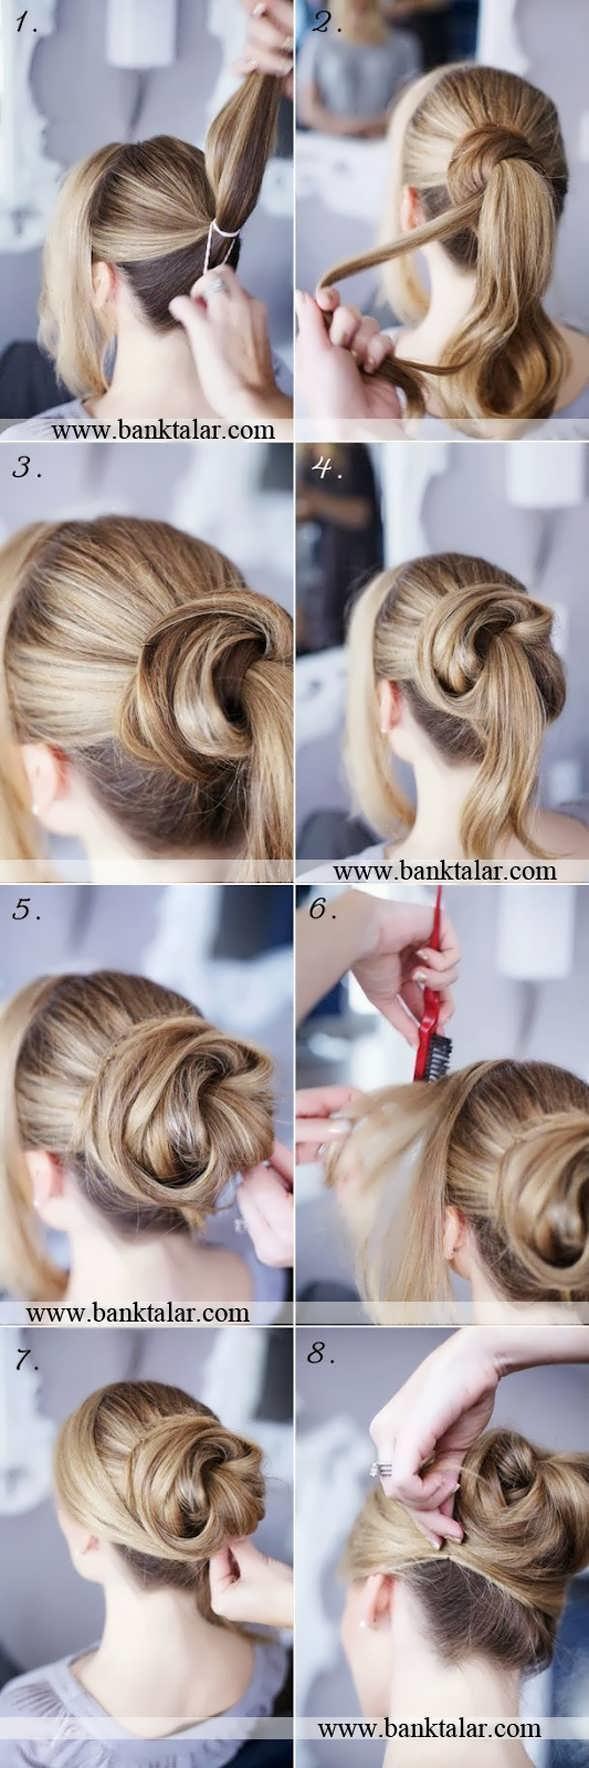 آموزش درست کردن مو به روش های مختلف**banktalar.com